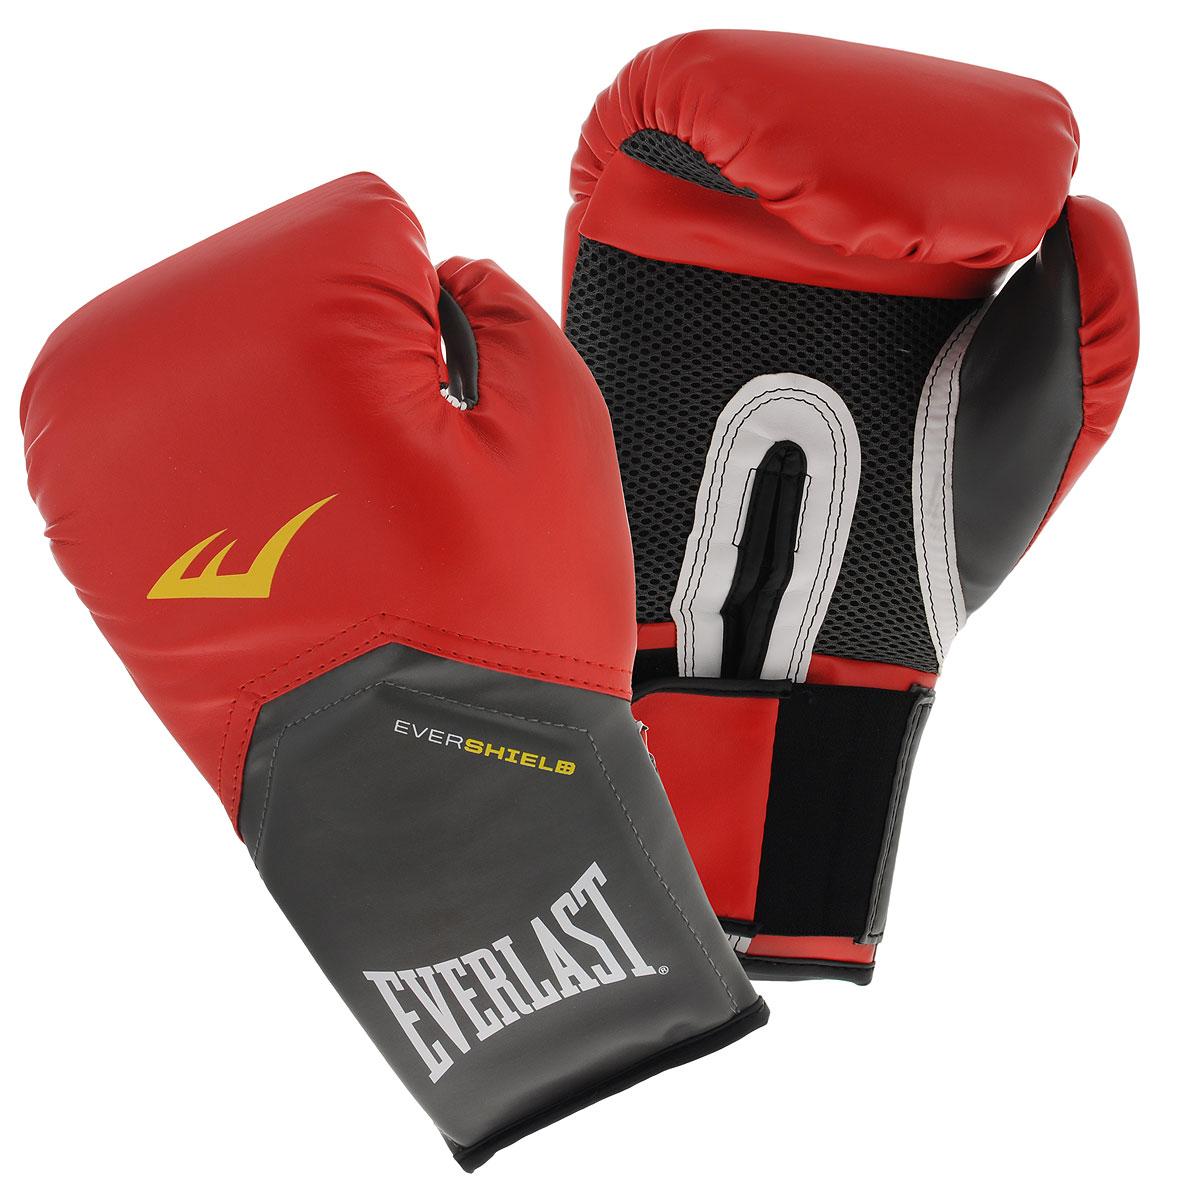 Перчатки тренировочные Everlast Pro Style Elite, цвет: красный, 12 унций2112EEverlast Pro Style Elite - тренировочные боксерские перчатки для спаррингов и работы на снарядах. Изготовлены из качественной искусственной кожи с применением технологий Everlast, использующихся в экипировке профессиональных спортсменов. Благодаря выверенной анатомической форме перчатки надежно фиксируют руку и гарантируют защиту от травм. Нижняя часть, полностью изготовленная из сетчатого материала, обеспечивает циркуляцию воздуха и препятствует образованию влаги, а также неприятного запаха за счет антибактериальной пропитки EVERFRESH. Комбинация легких дышащих материалов поддерживает оптимальную температуру тела. Модель подходит для начинающих боксеров, которые хотят тренироваться с экипировкой высокого класса.